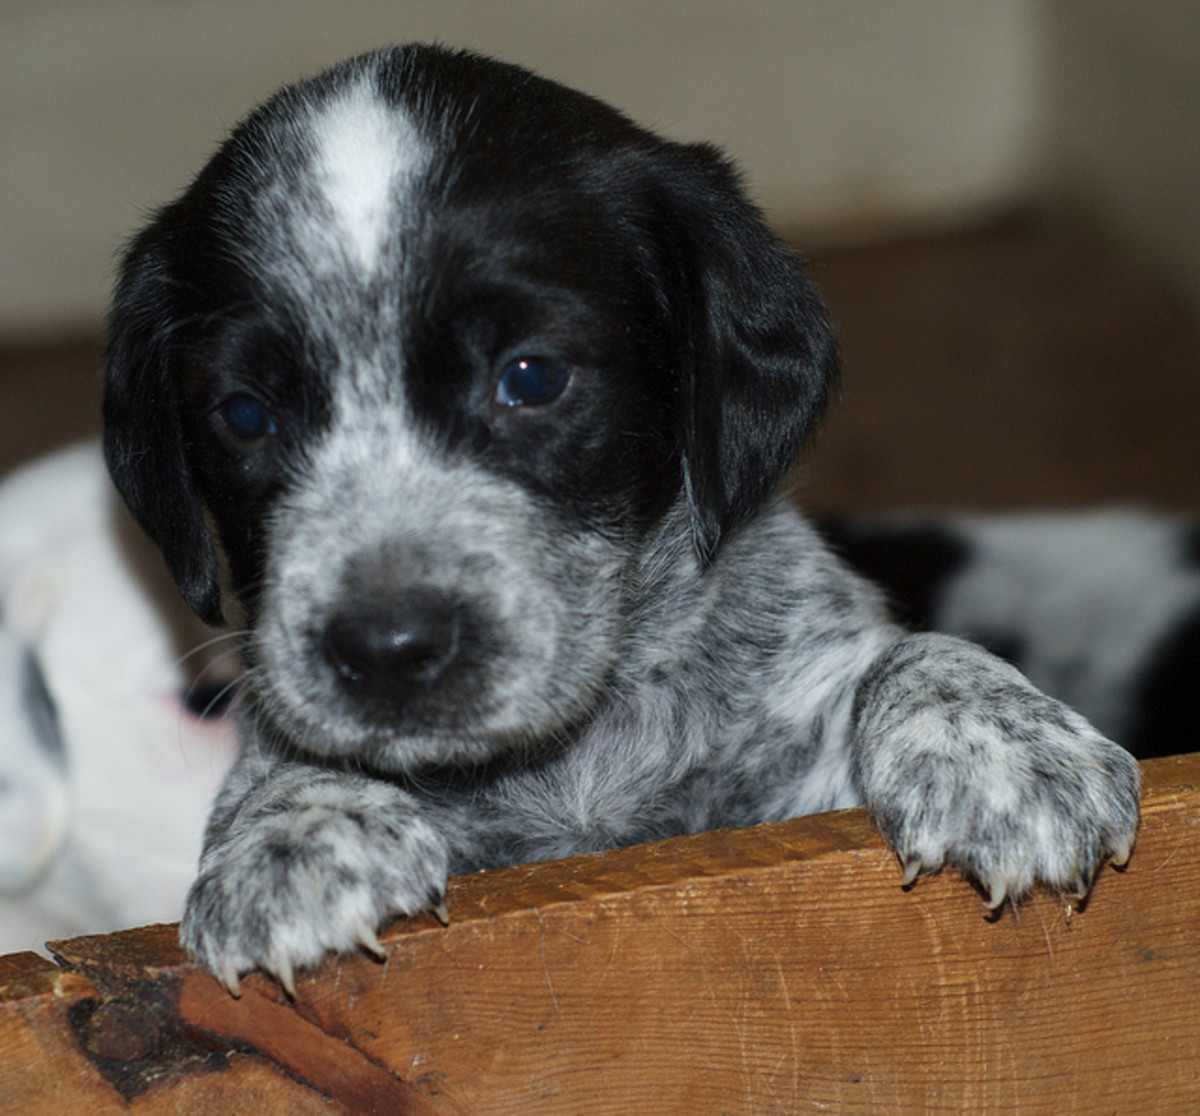 An Australian Cattle Dog puppy.